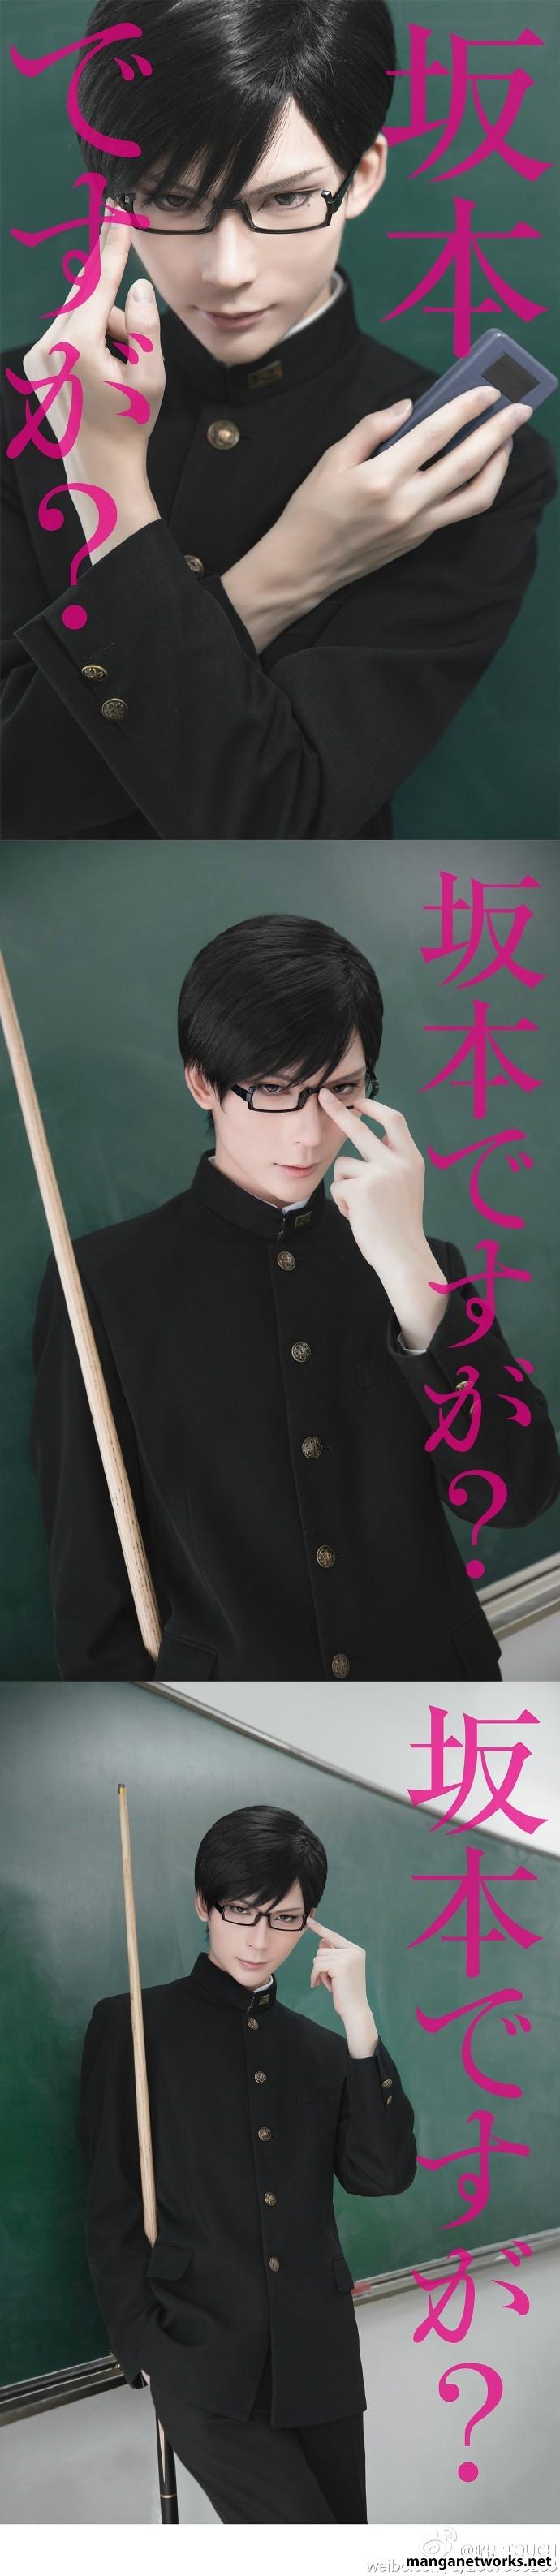 29512224905 9e3a80c5f0 o Phát sốc với Cosplay Con nhà người ta trong anime Sakamoto Desu Ga ?